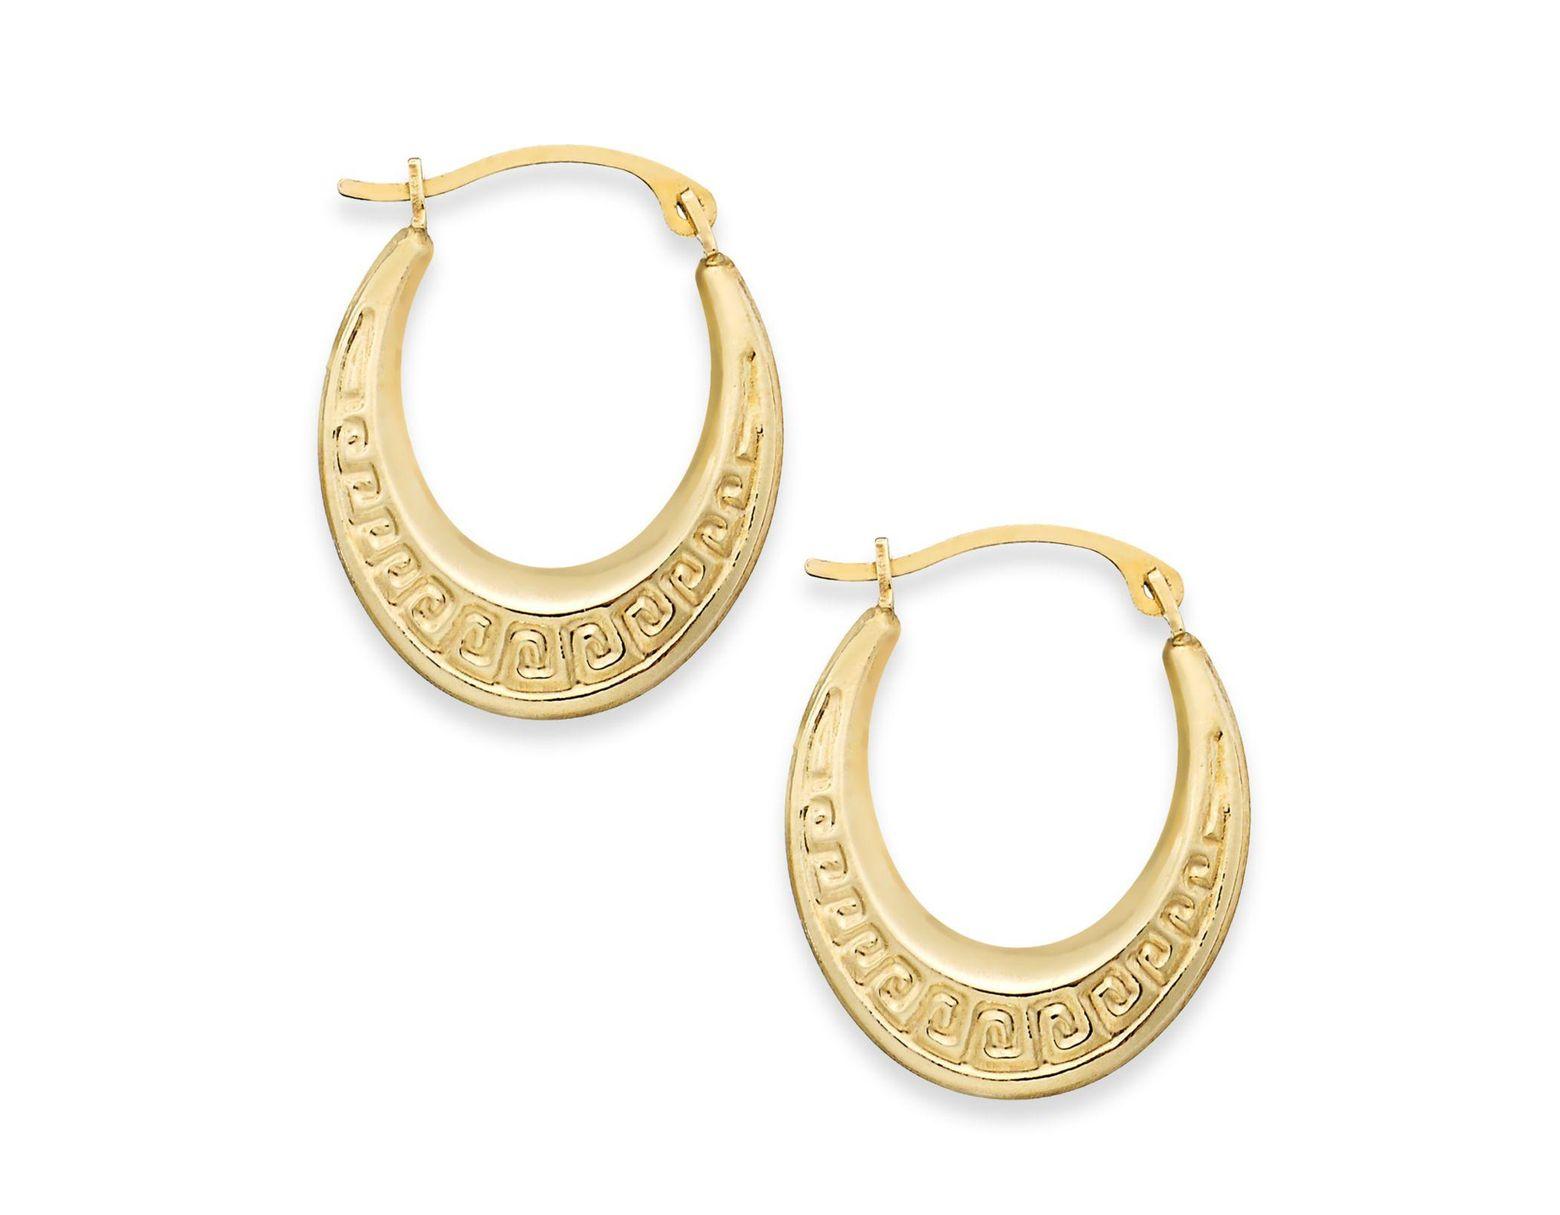 7211e970f1067 Women's Metallic 10k Gold Earrings, Greek Key Hoop Earrings